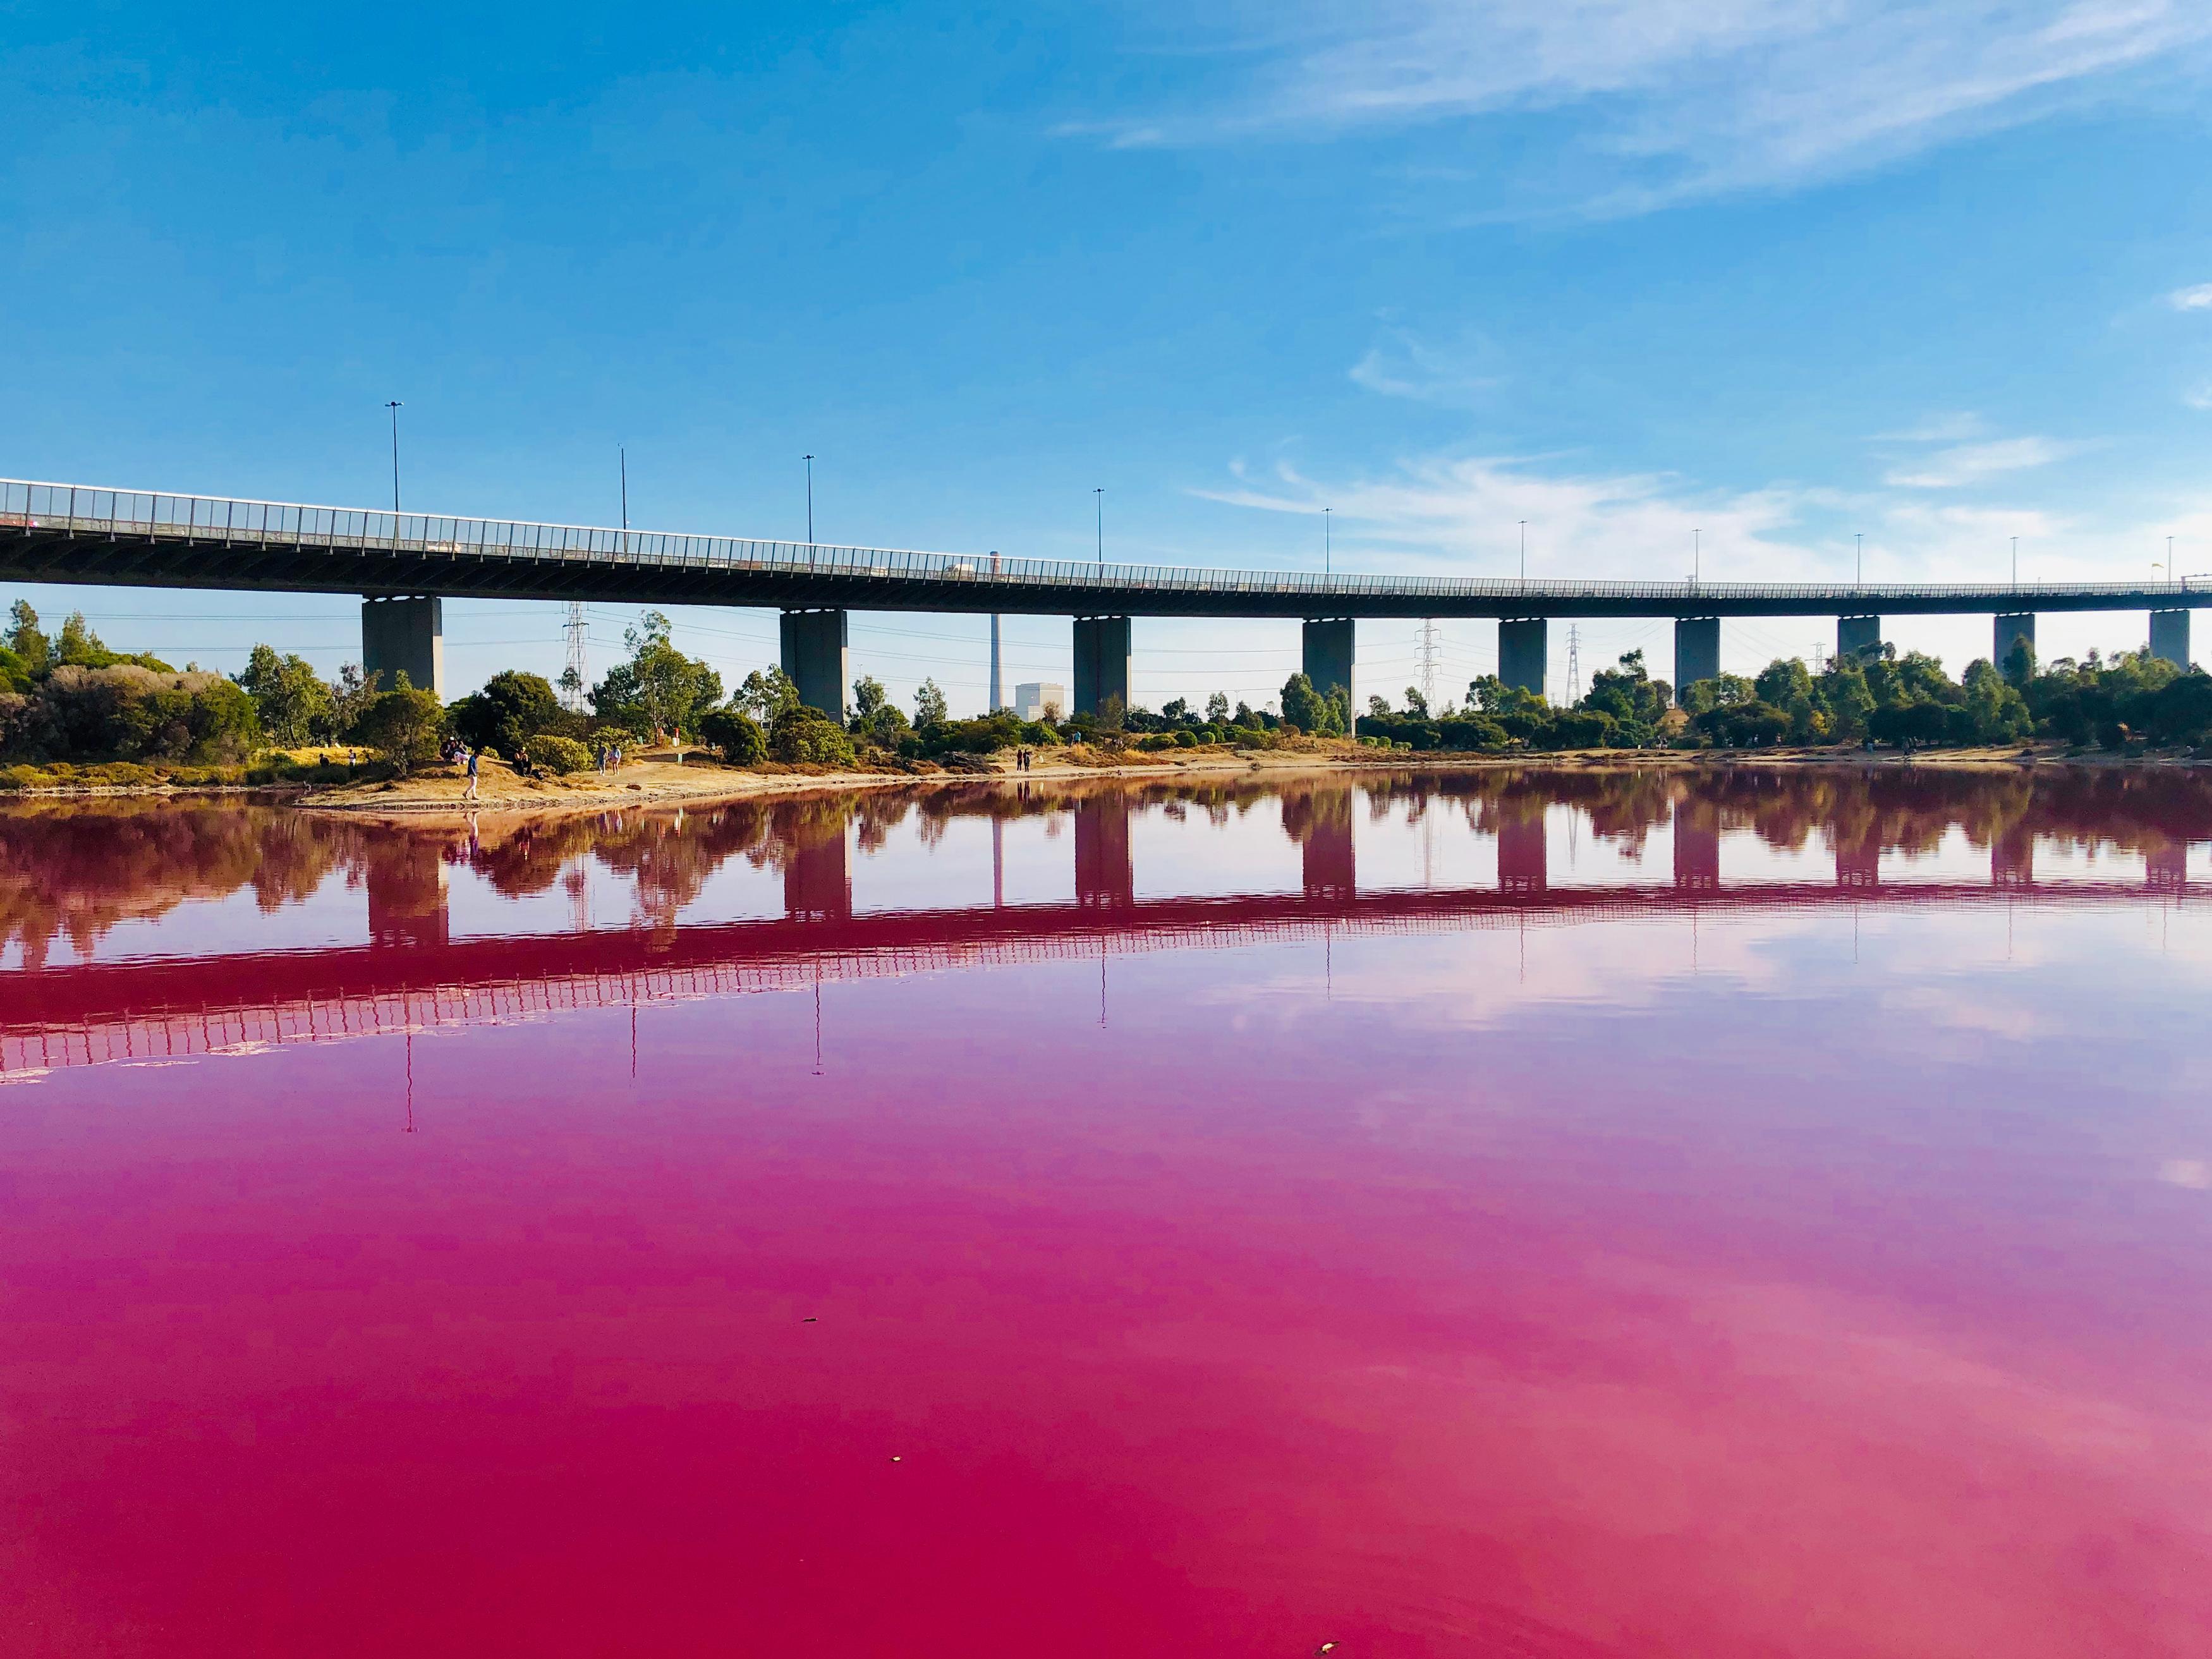 Pink lake.